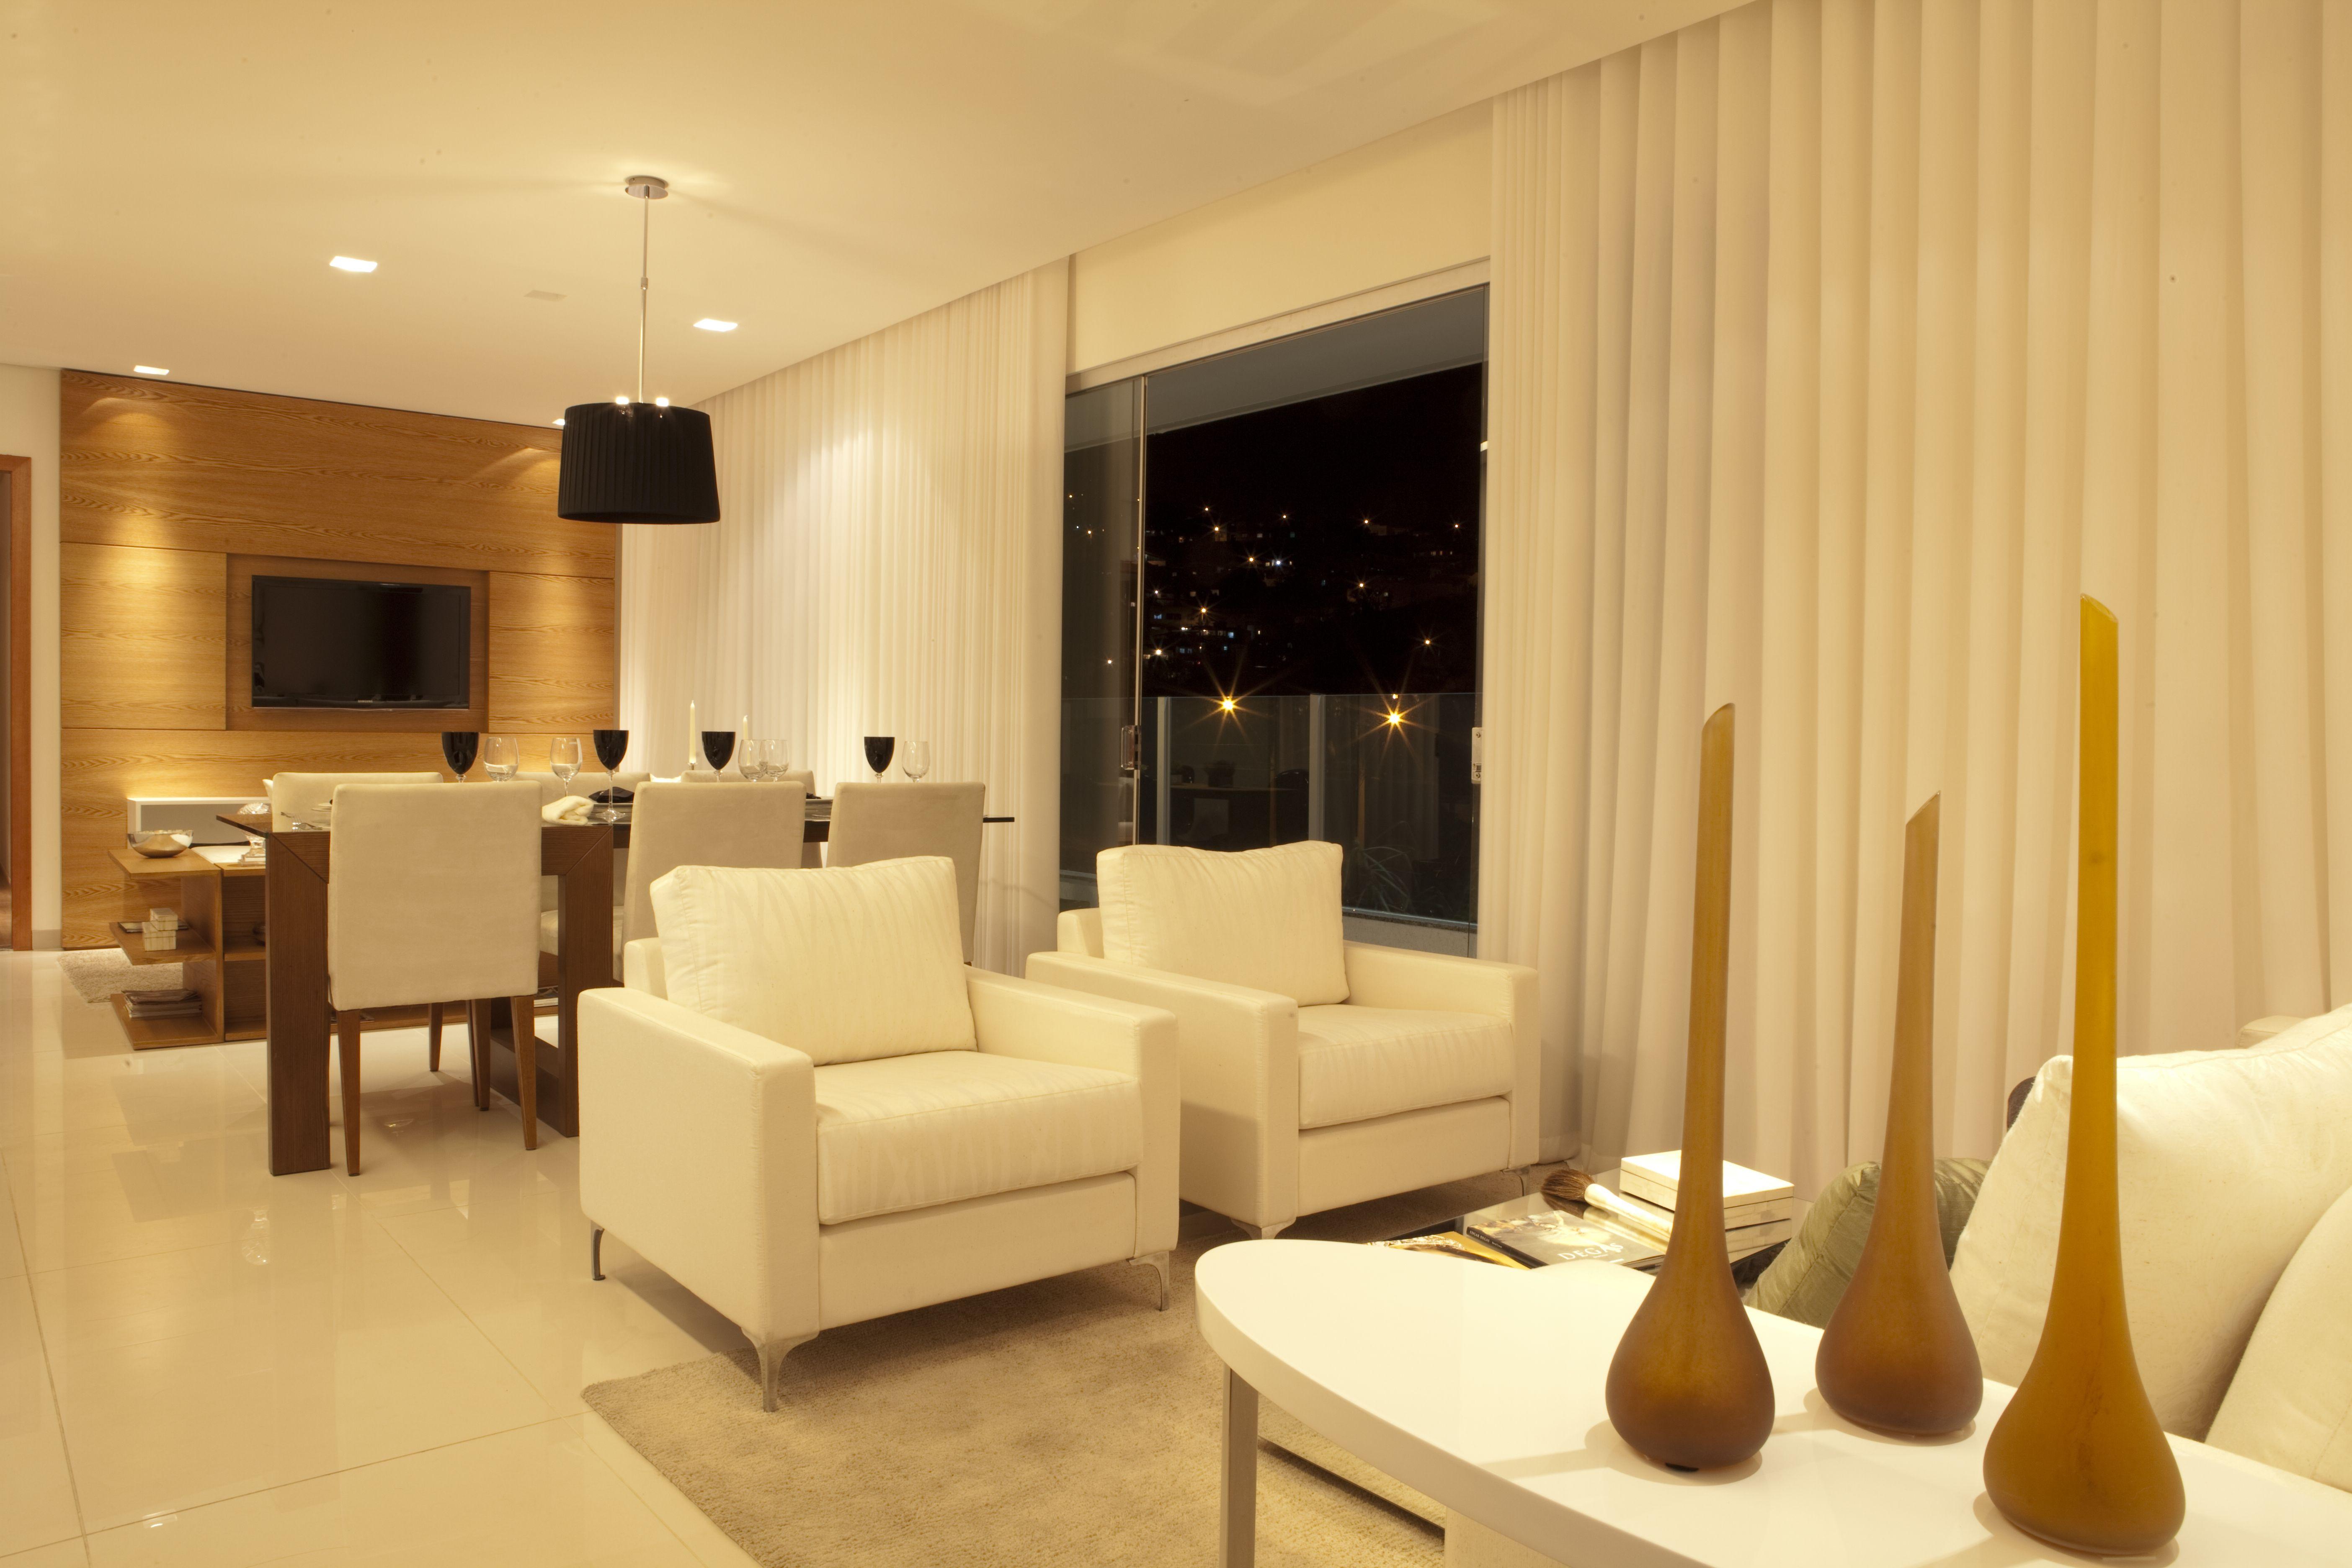 Salas tv, jantar e estar integradas com cores neutras e atemporais. Projeto Arquiteta Viviane Rabelo